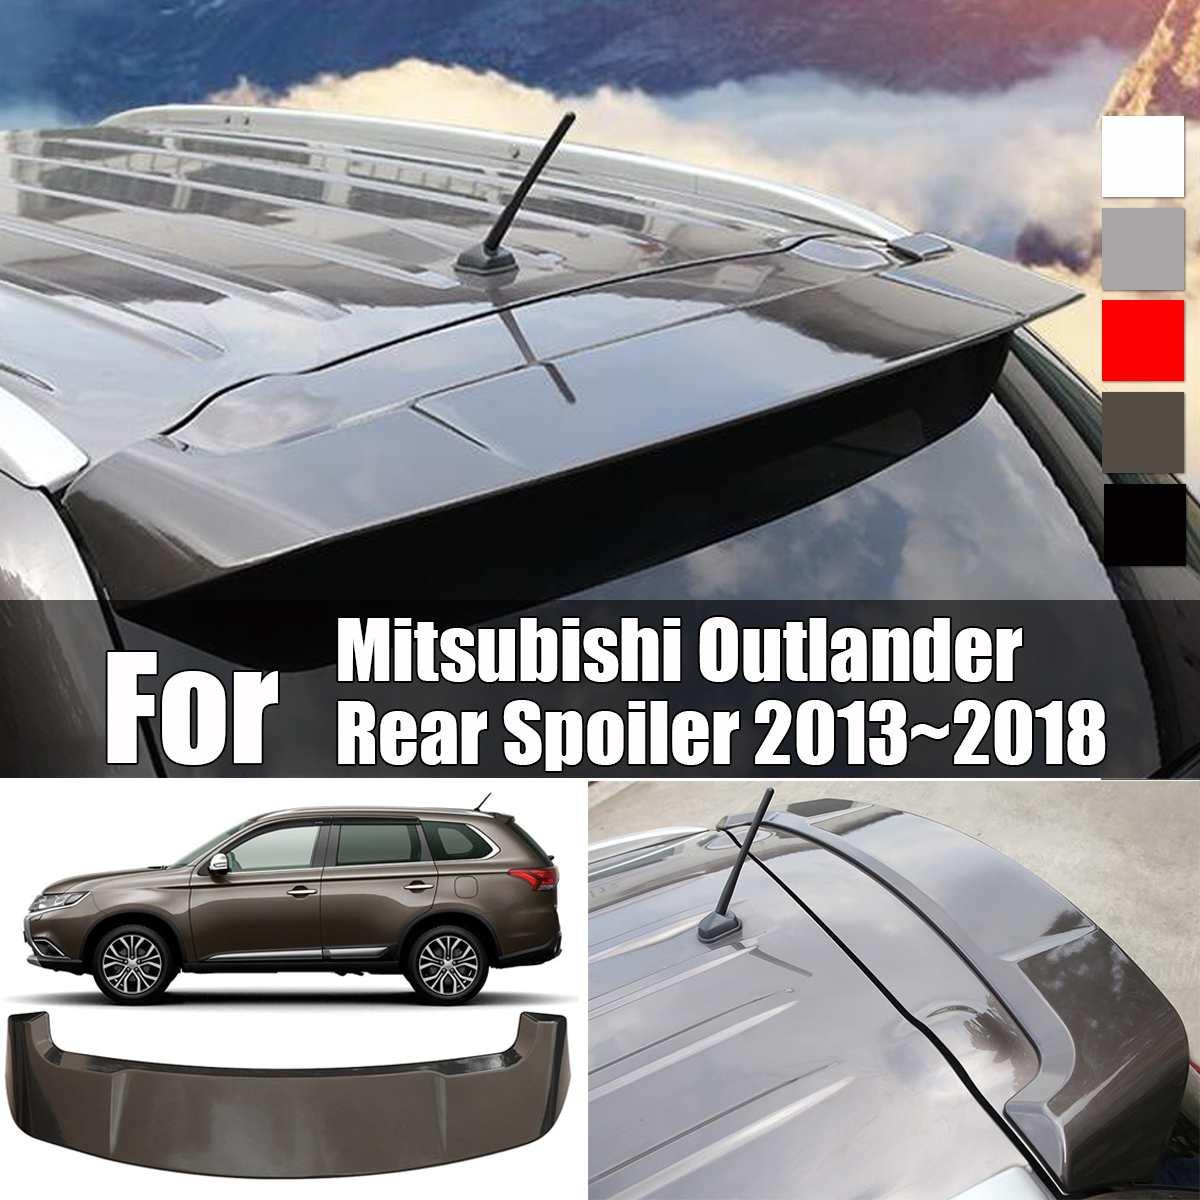 ABS Heckspoiler Stamm Boot Lip Flügel für Mitsubishi Outlander Hinten Spoiler 2013 ~ 2018 Farbe Fabrik Stil Hinten Dach spoiler